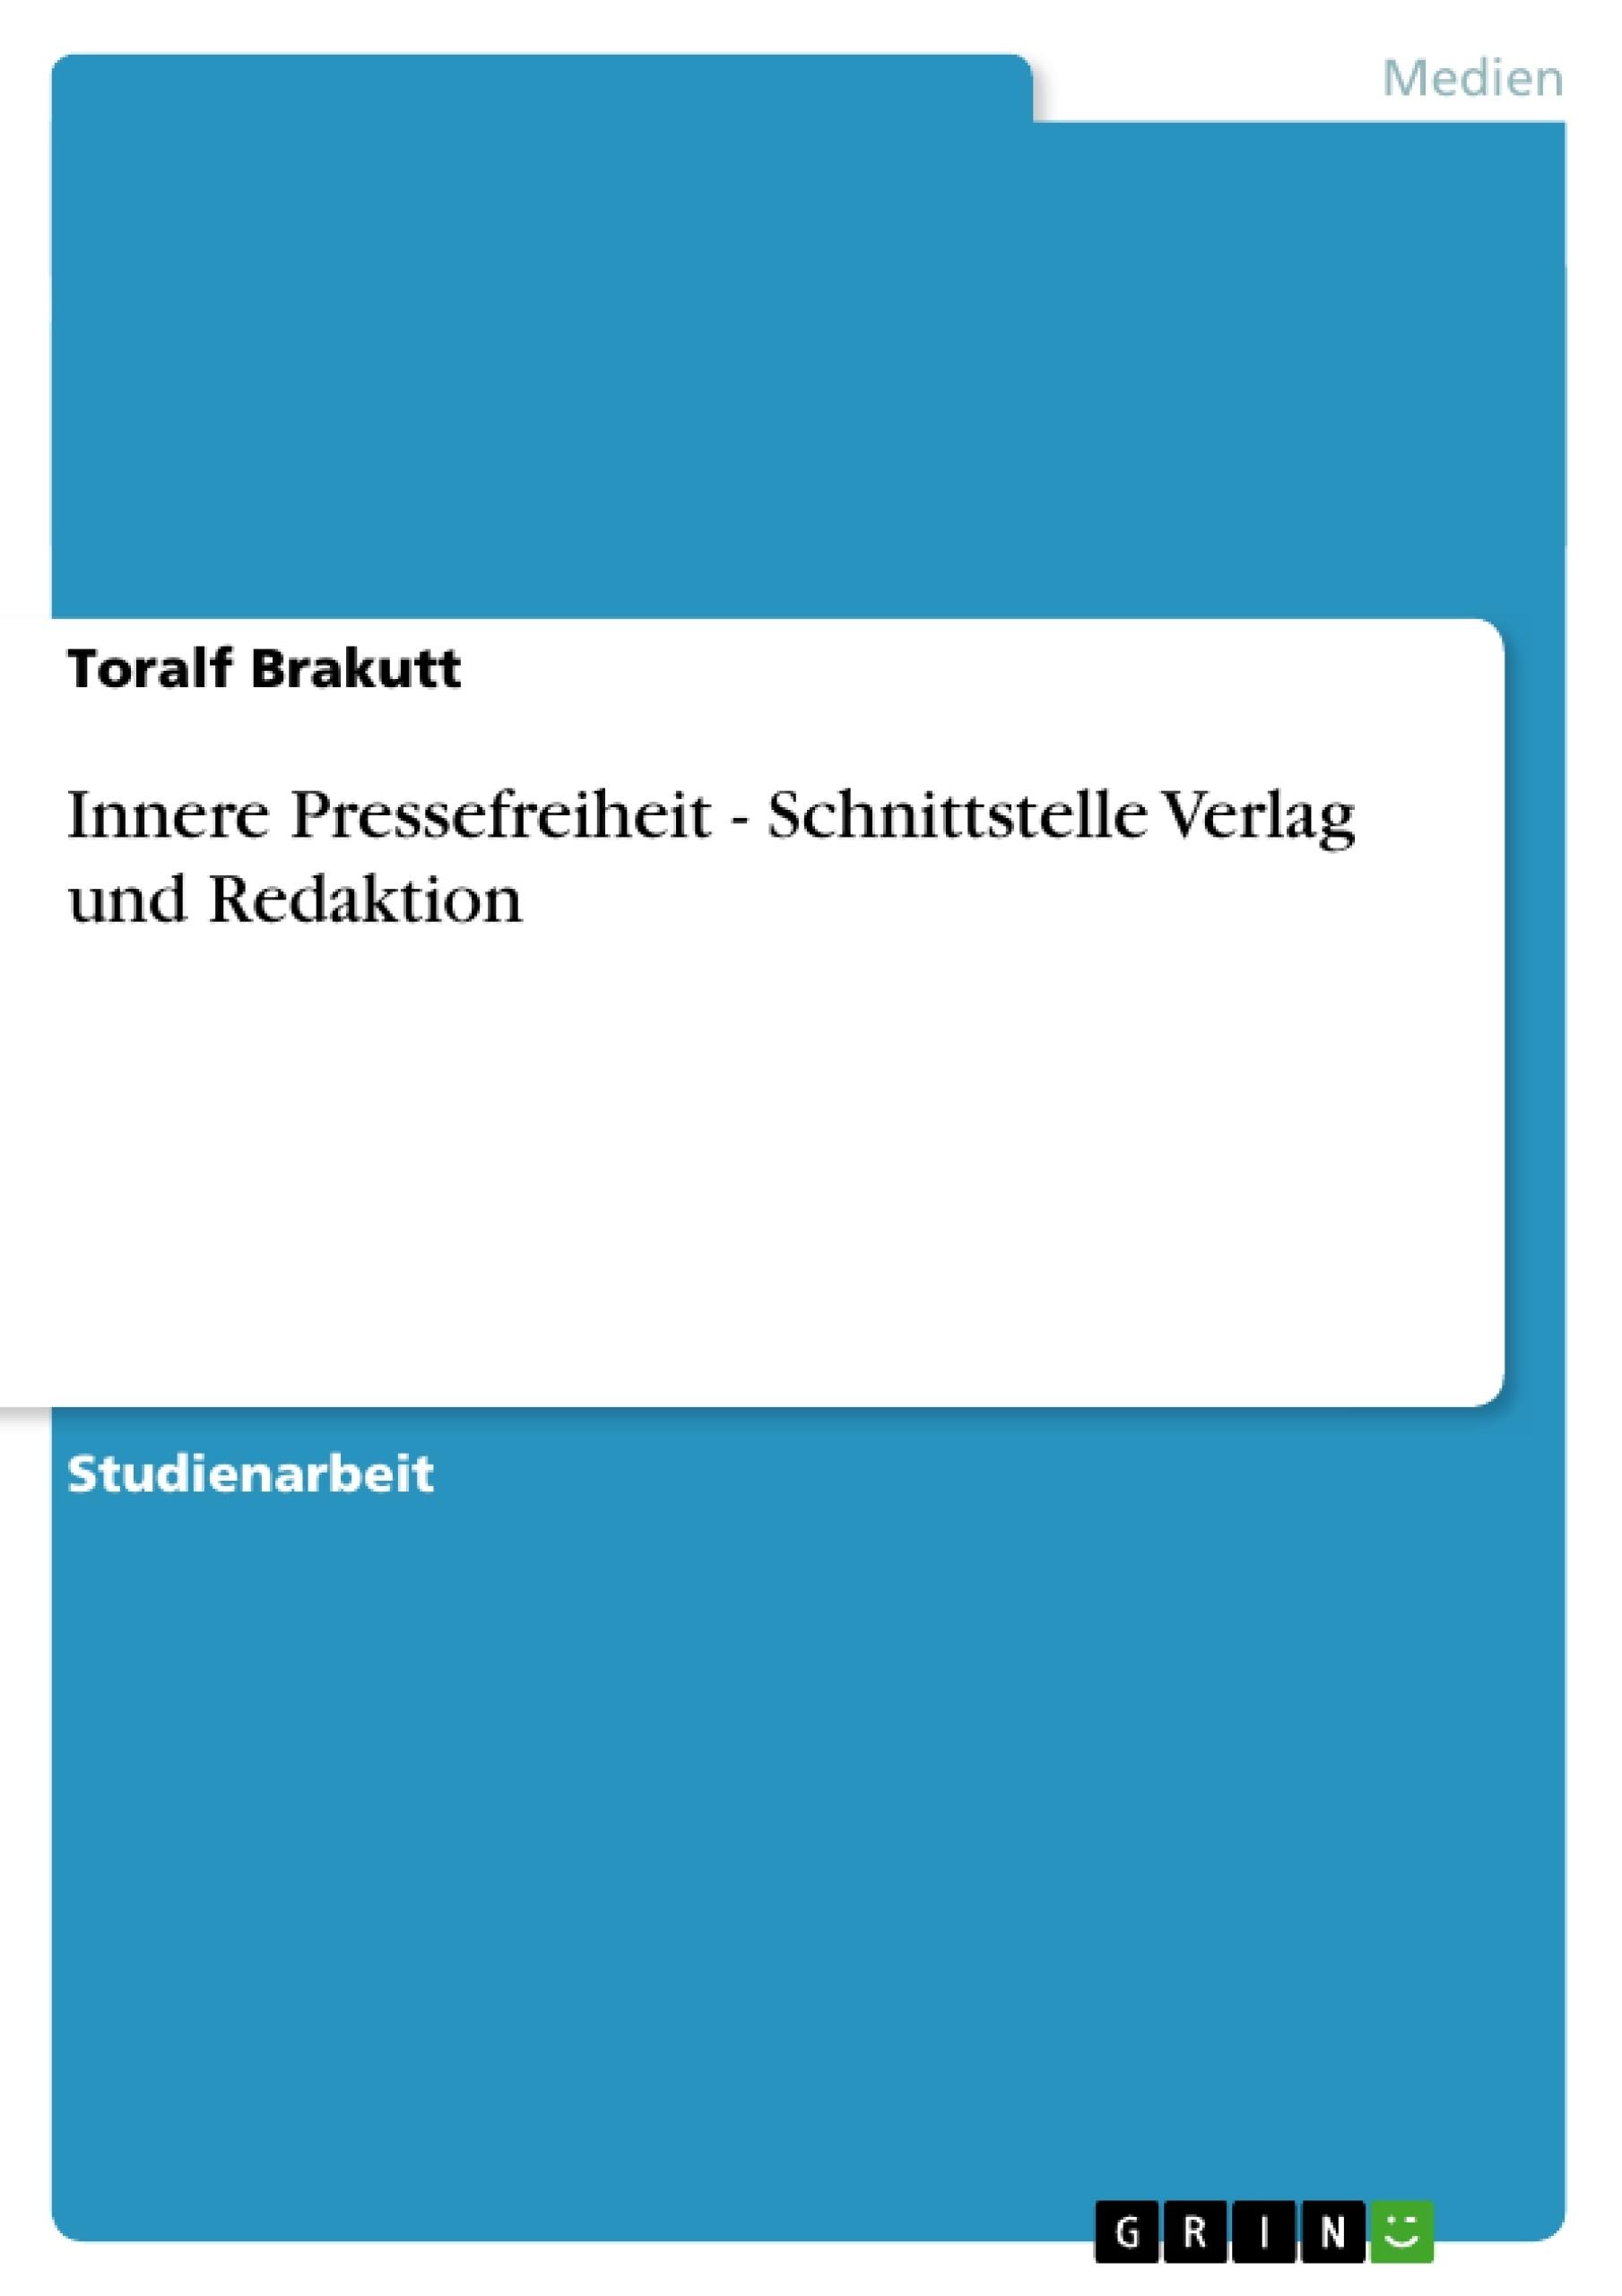 Titel: Innere Pressefreiheit - Schnittstelle Verlag und Redaktion